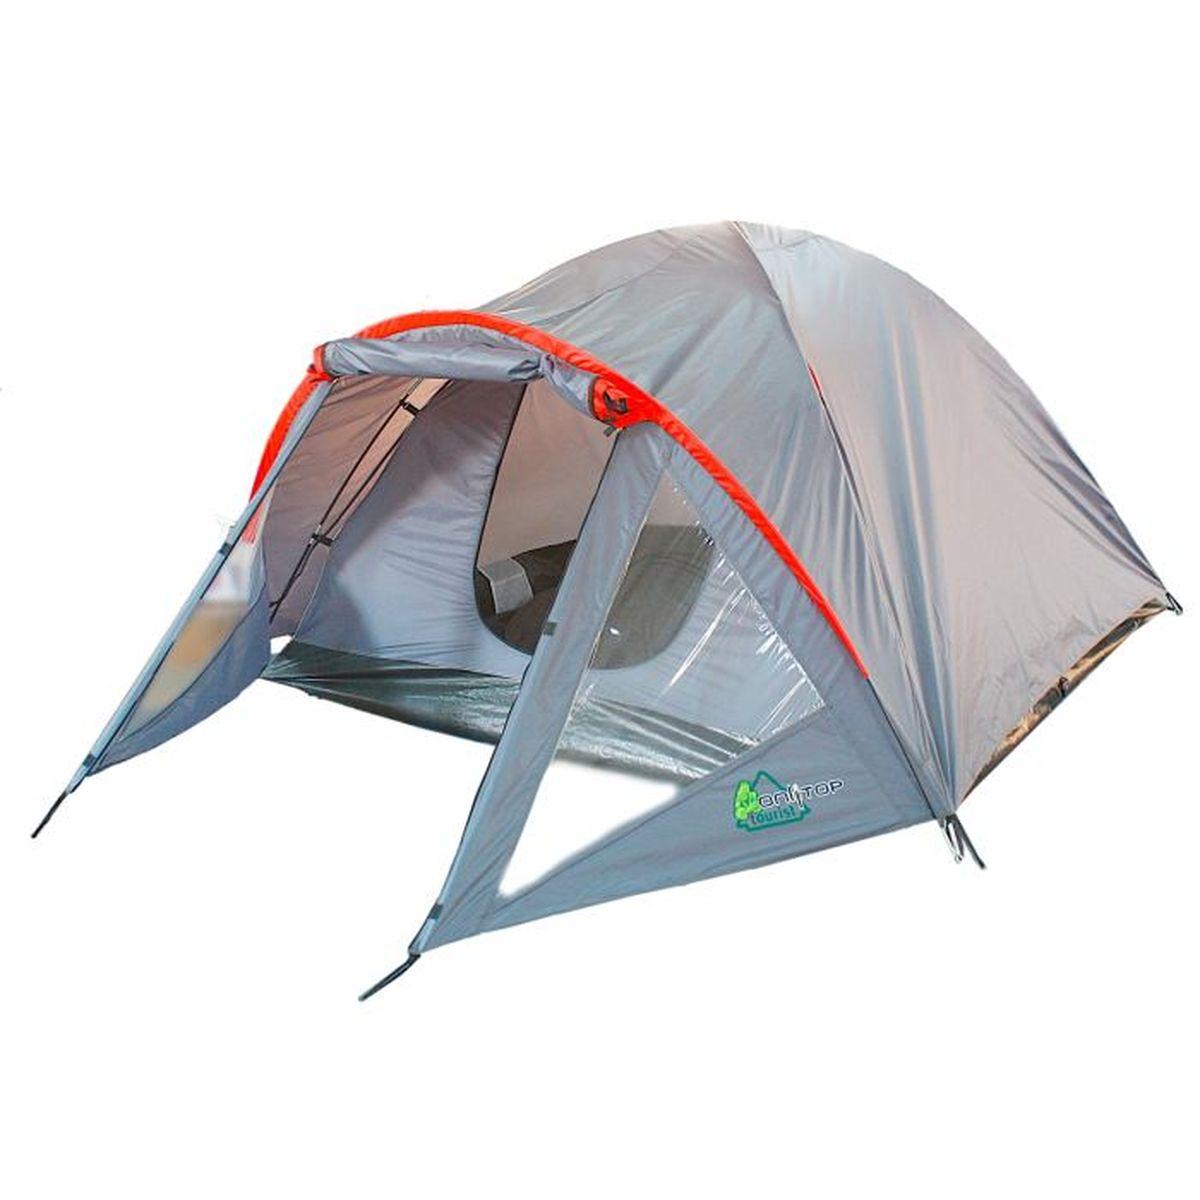 Палатка туристическая Onlitop Discovery, 2-местная, цвет: серый776300Если вы заядлый турист или просто любитель природы, вы хоть раз задумывались о ночевке на свежем воздухе. Чтобы провести это время с комфортом, вам понадобится отличная палатка, такая как Onlitop Discovery. Она обеспечит безопасный досуг и защитит от непогоды и насекомых. Дополнительным преимуществом данной модели является тамбур, с помощью которого вы можете сэкономить пространство и разместить вещи. Ткань рипстоп гарантирует длительную эксплуатацию палатки за счет высокой прочности материала.Размеры палатки: 220 x 210 x 120 см.Что взять с собой в поход?. Статья OZON Гид